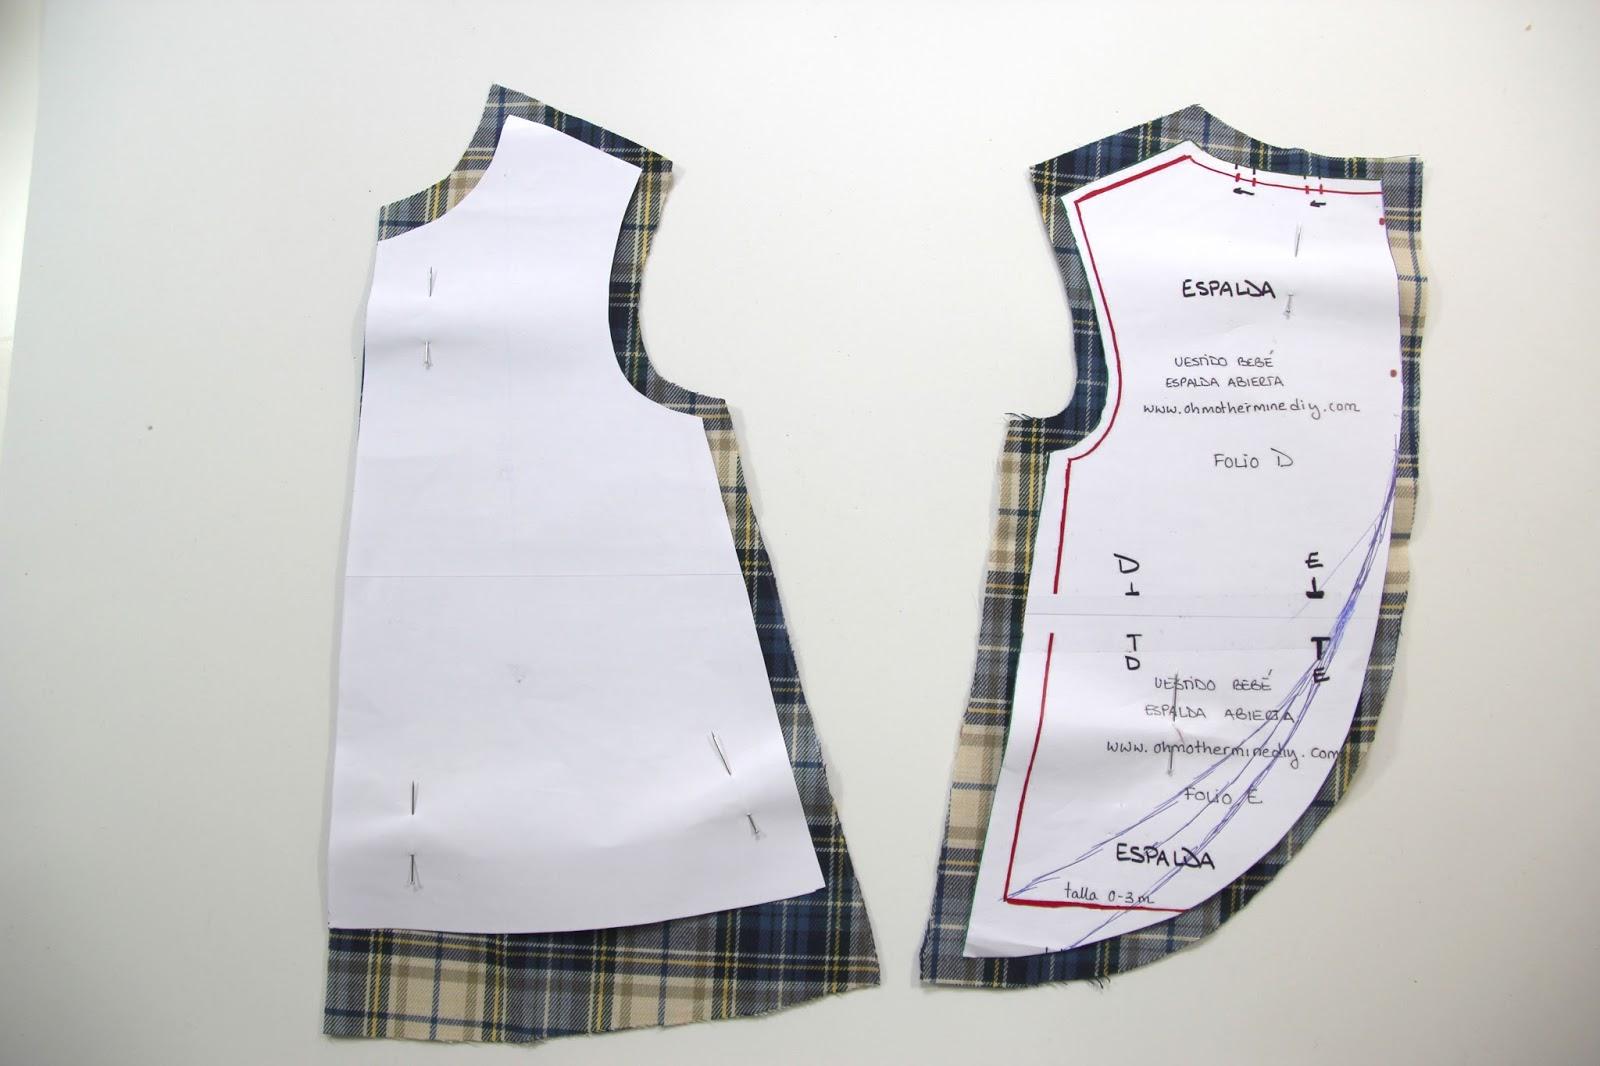 10 Trucos que debes saber para hacer tu propia ropa (PARTE 2) | | Oh ...